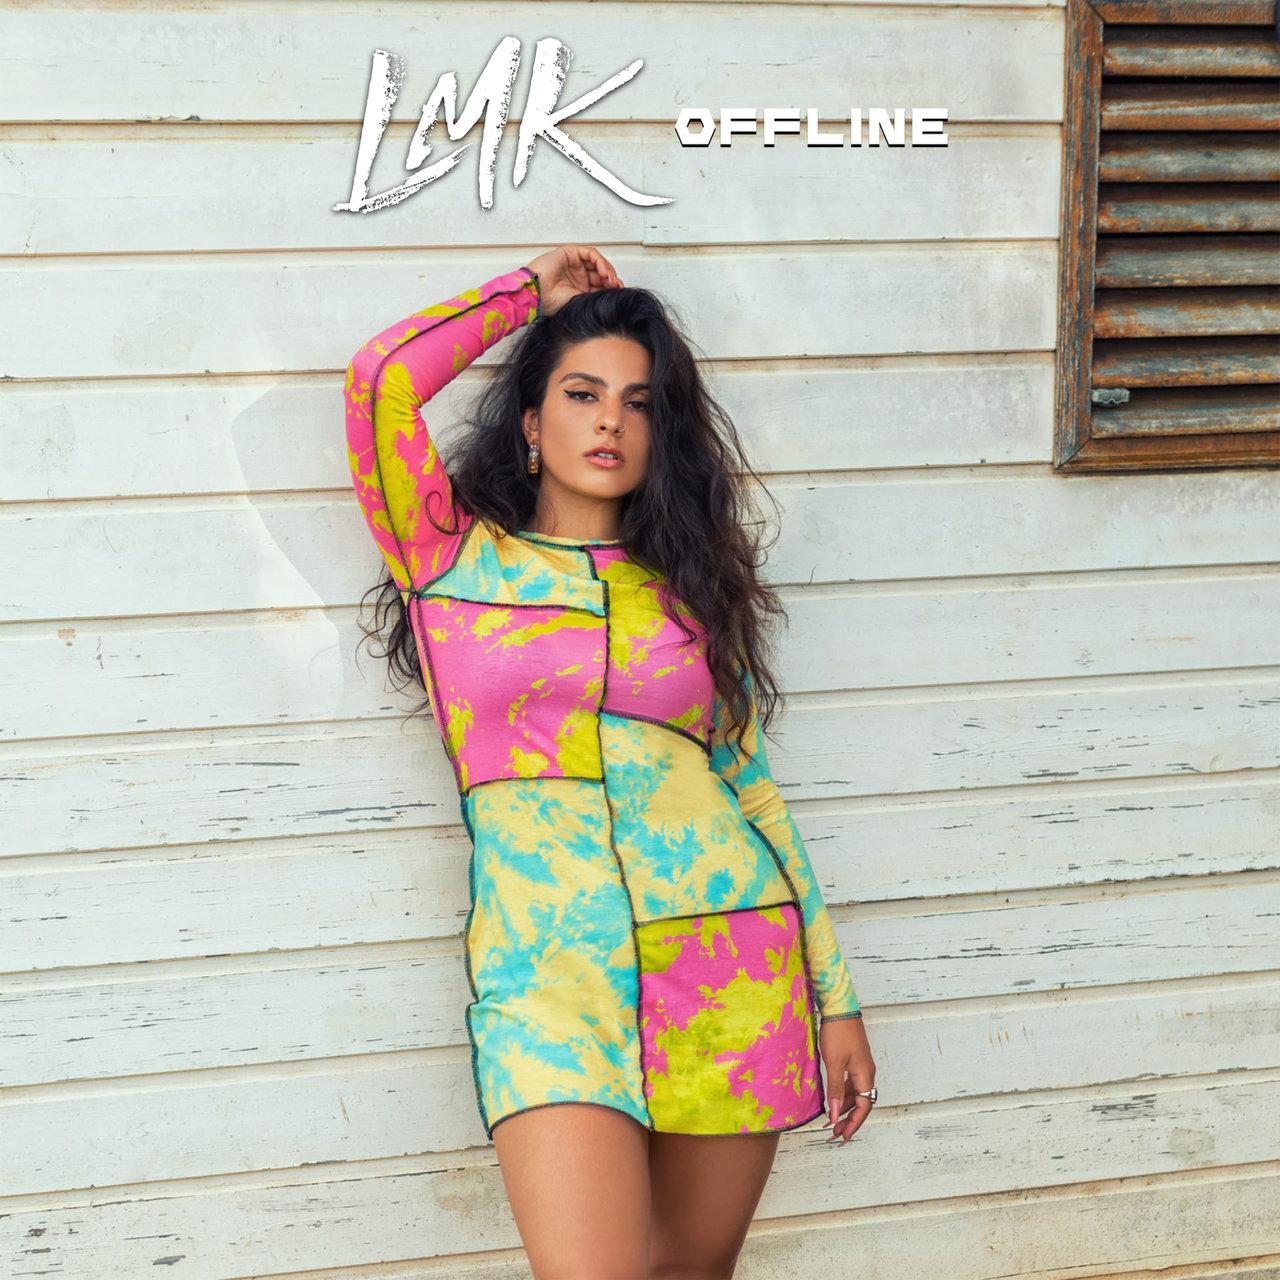 LMK - Offline (Cover)